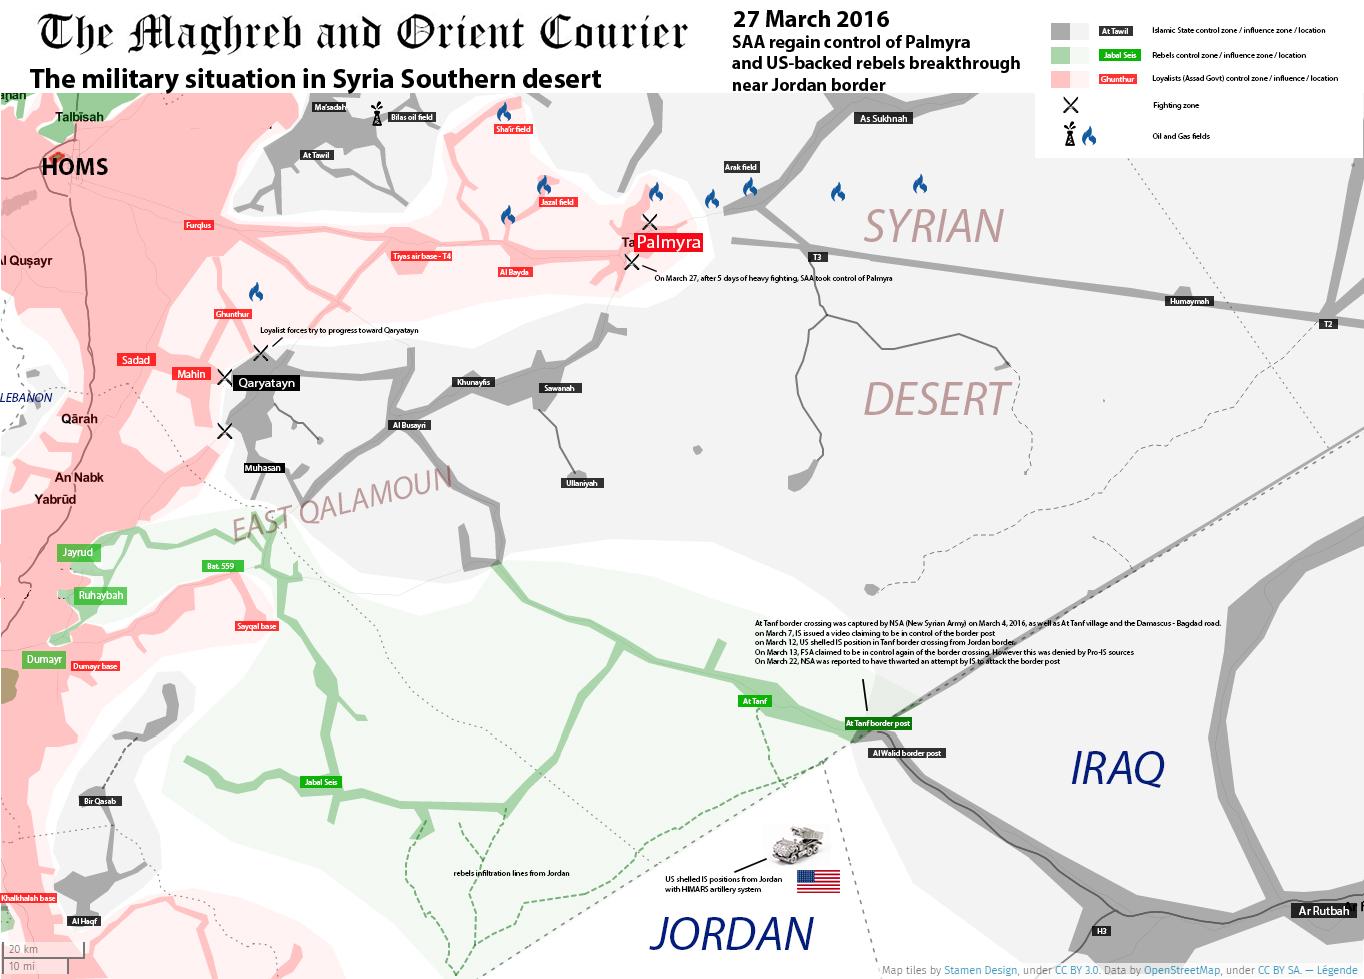 Syrian desert 27 March 2016